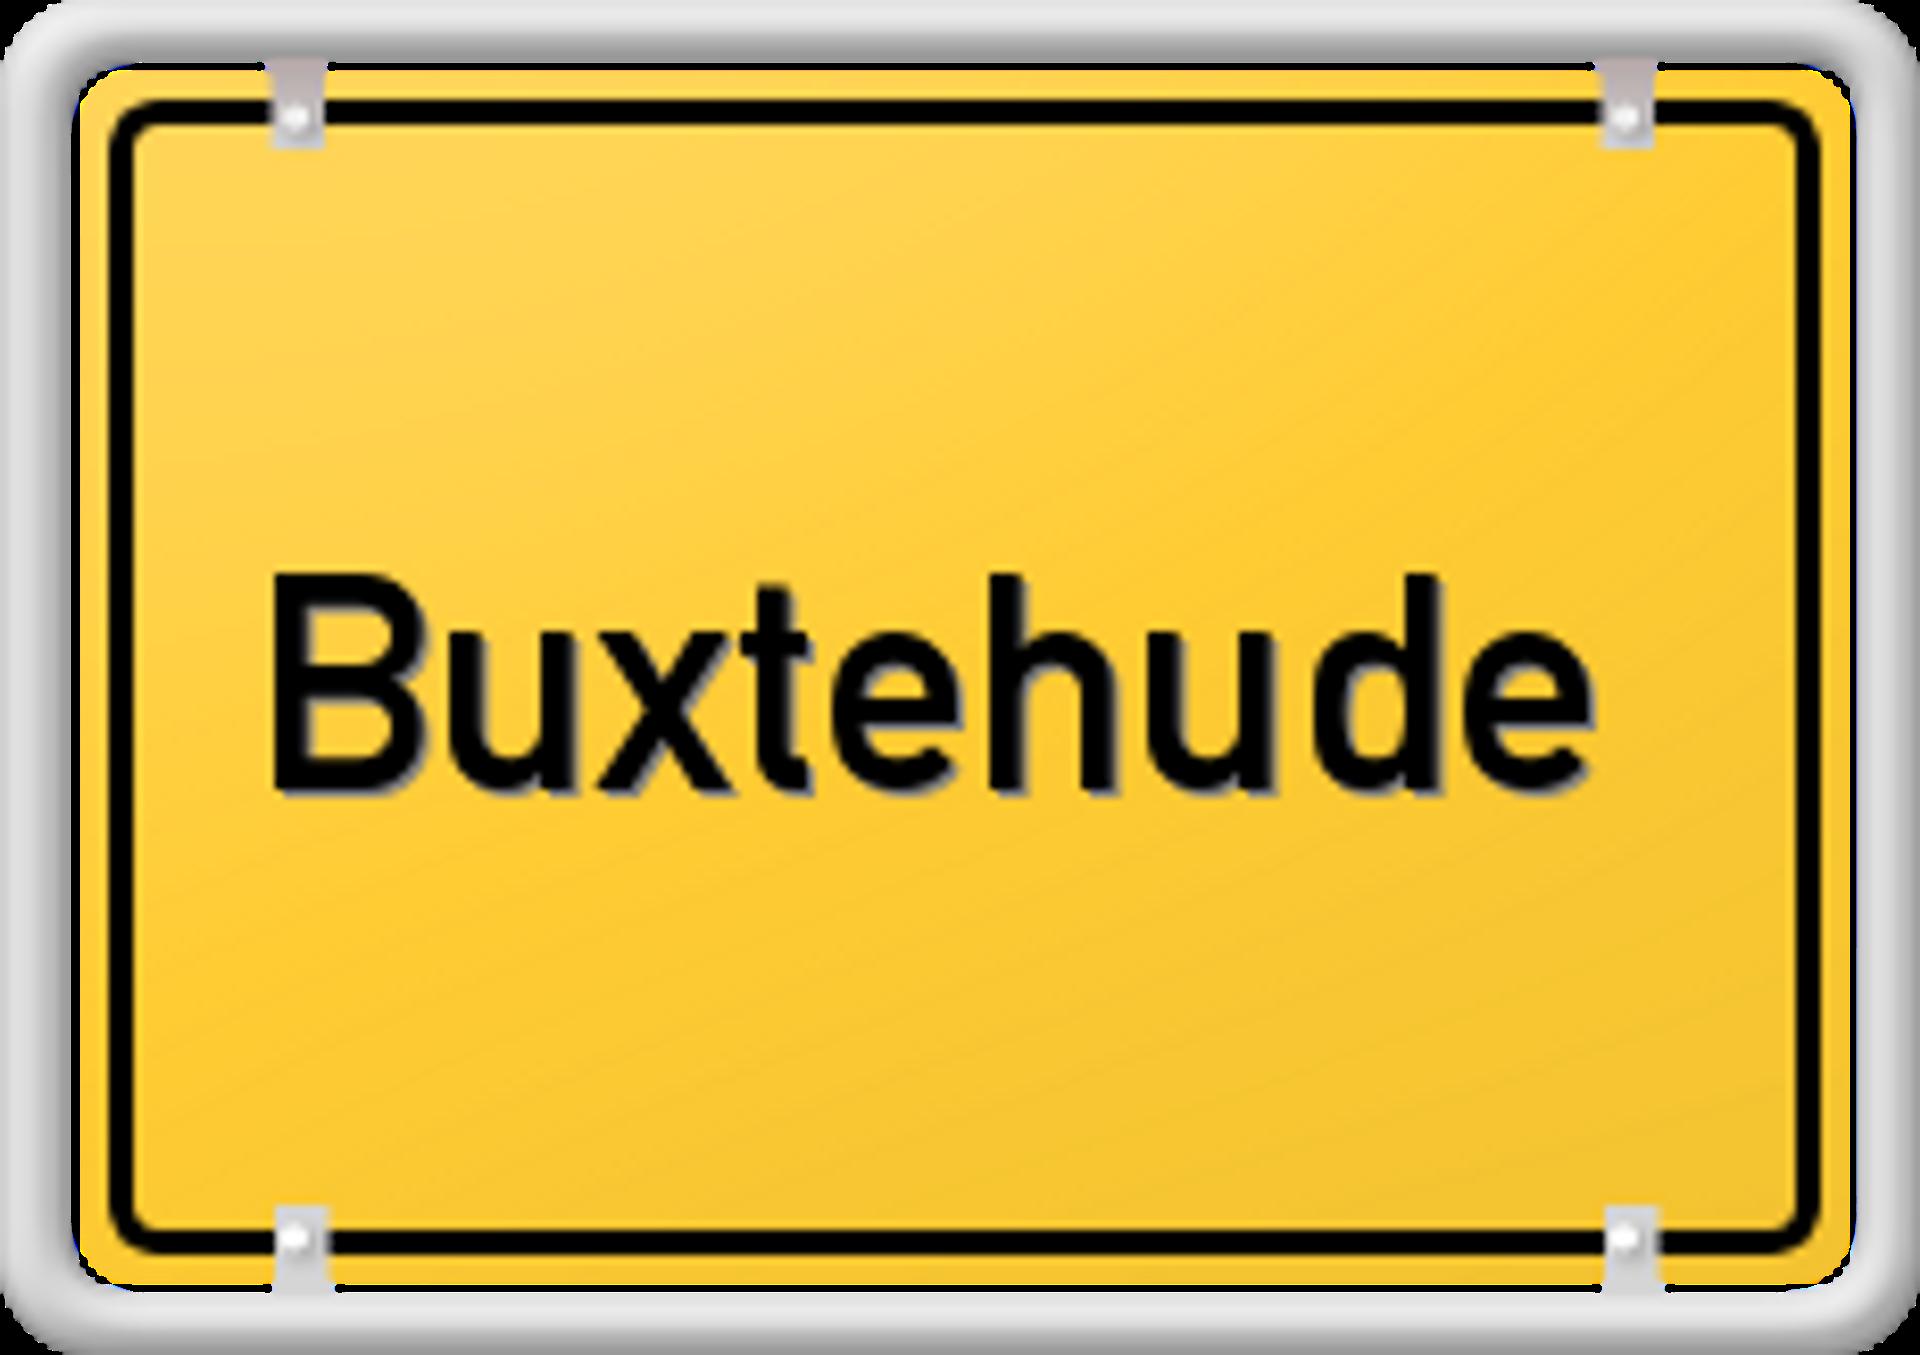 Neuer Brötchenbursche in Buxtehude